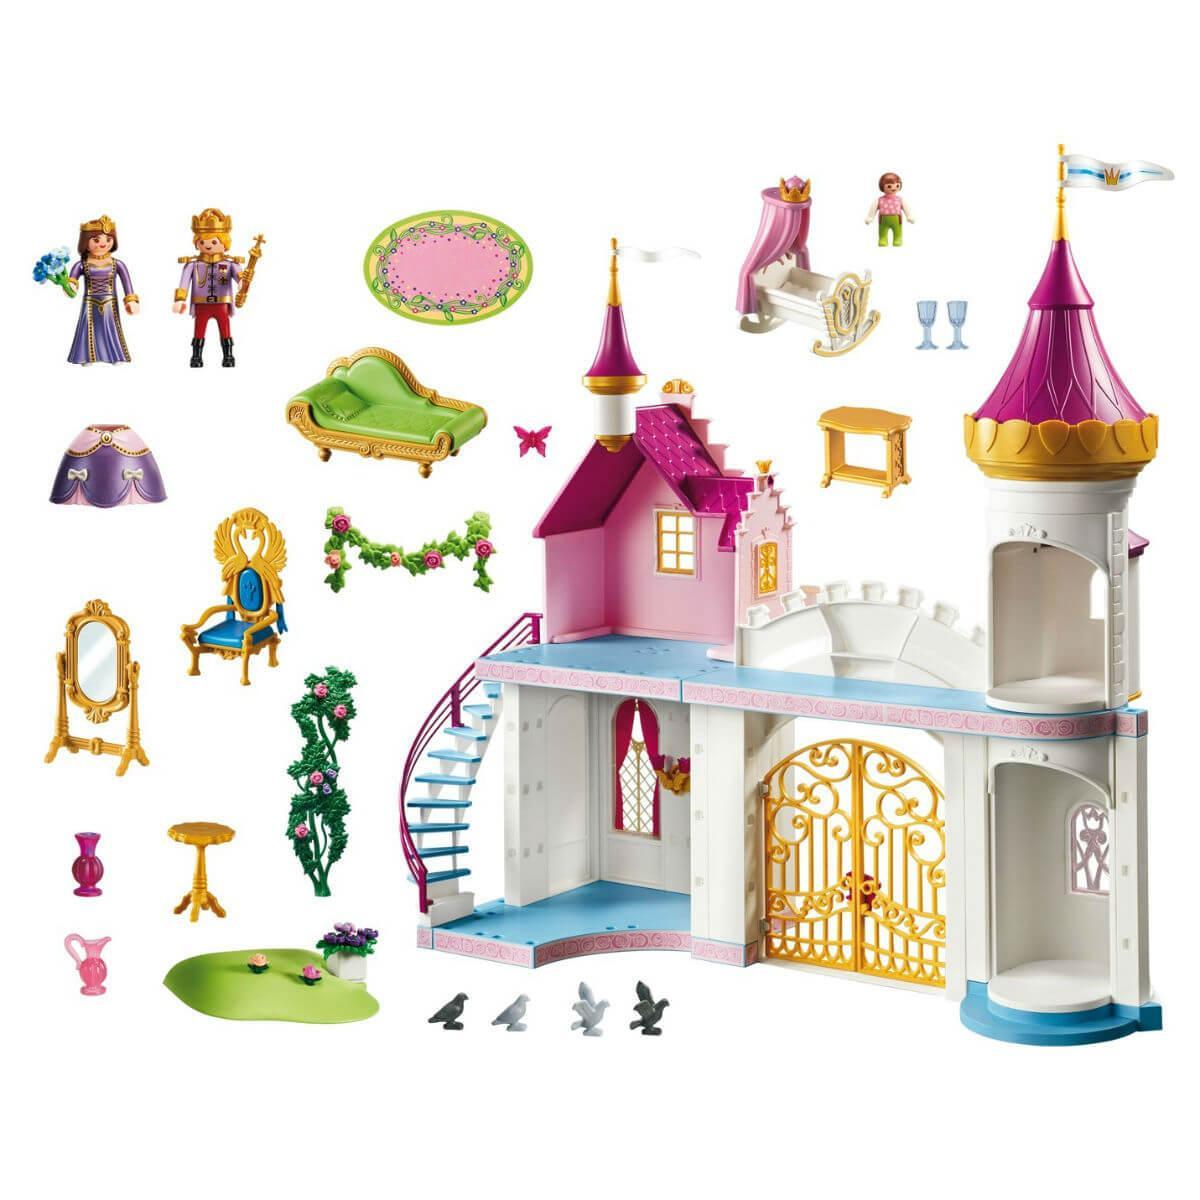 Конструктор Playmobil Замок Принцессы: Королевская Резиденция - фото 2